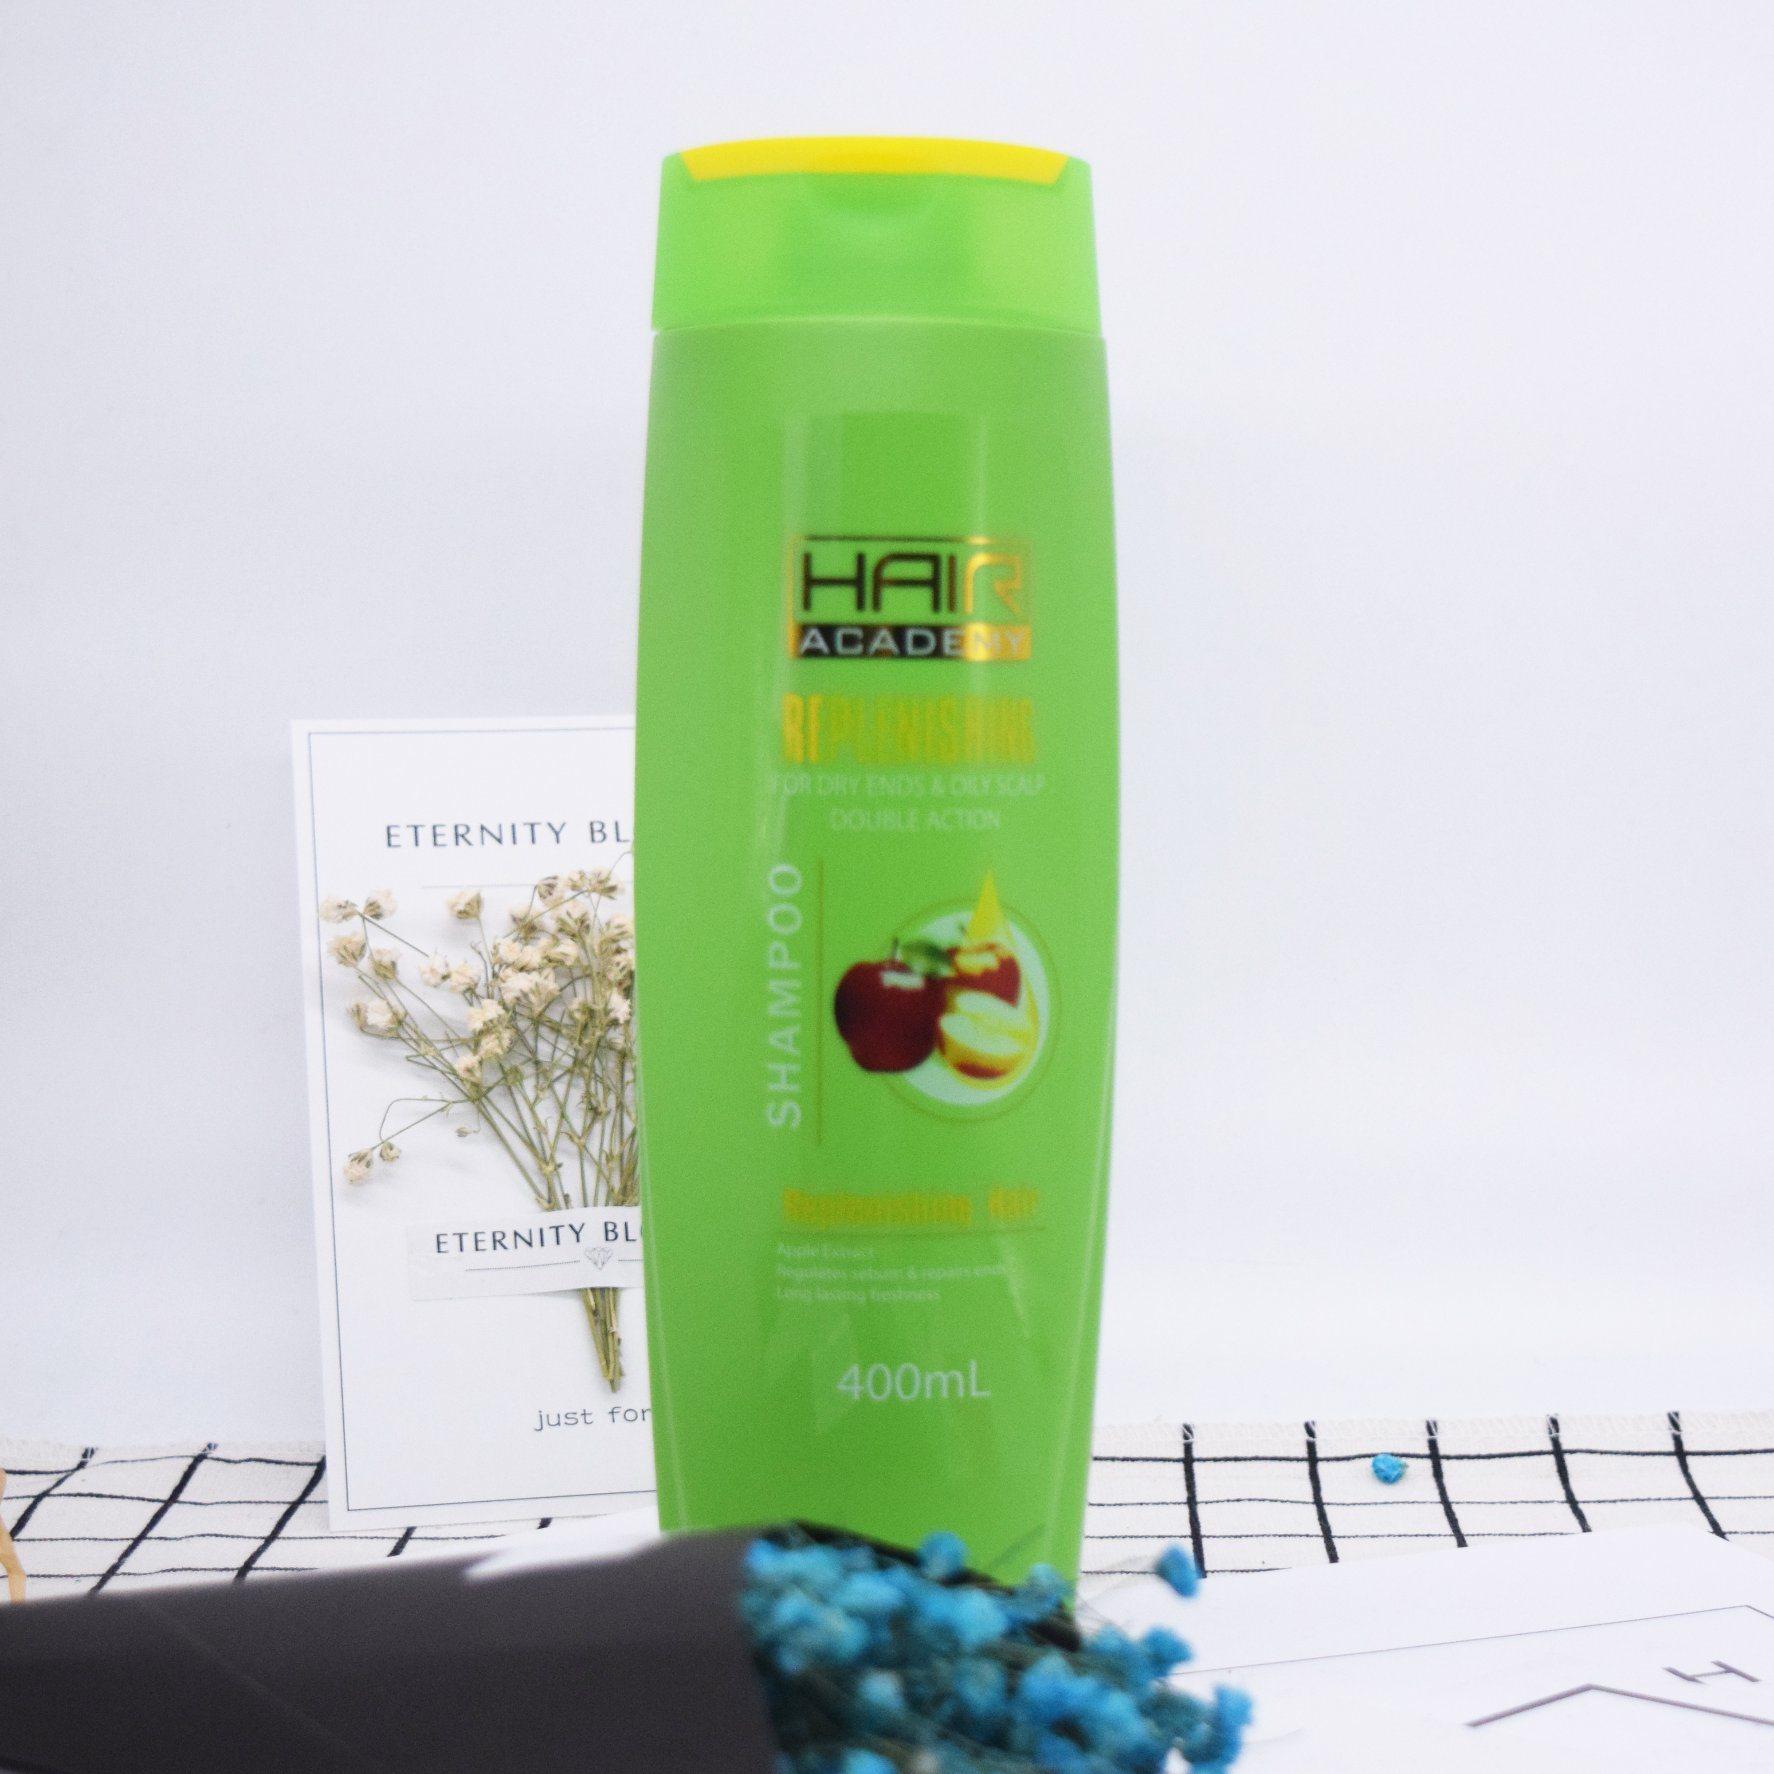 Hair Academy Shampoo Three Types Avaliable Suitable for All Hair Types